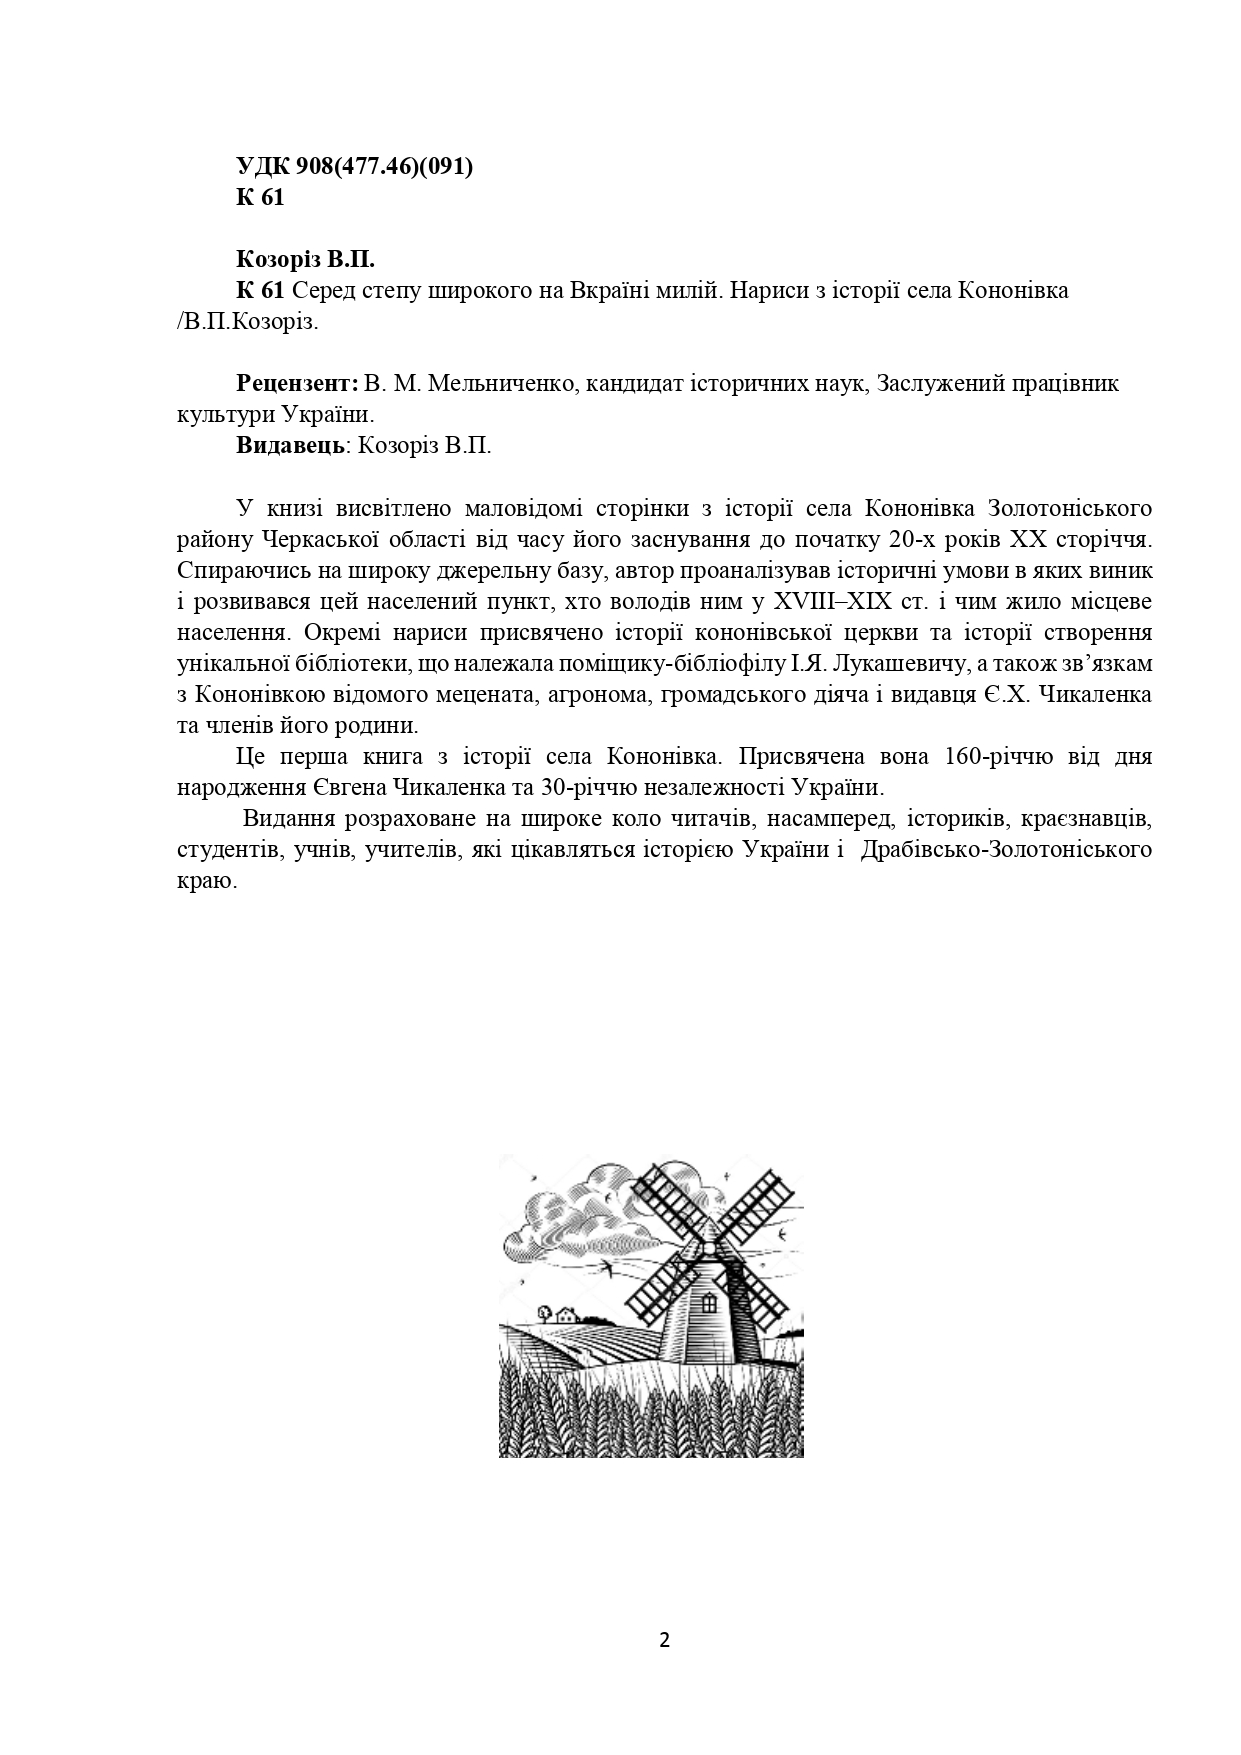 ІСТОРІЯ СЕЛА КОНОНІВКА 2021 (1)_page-0002